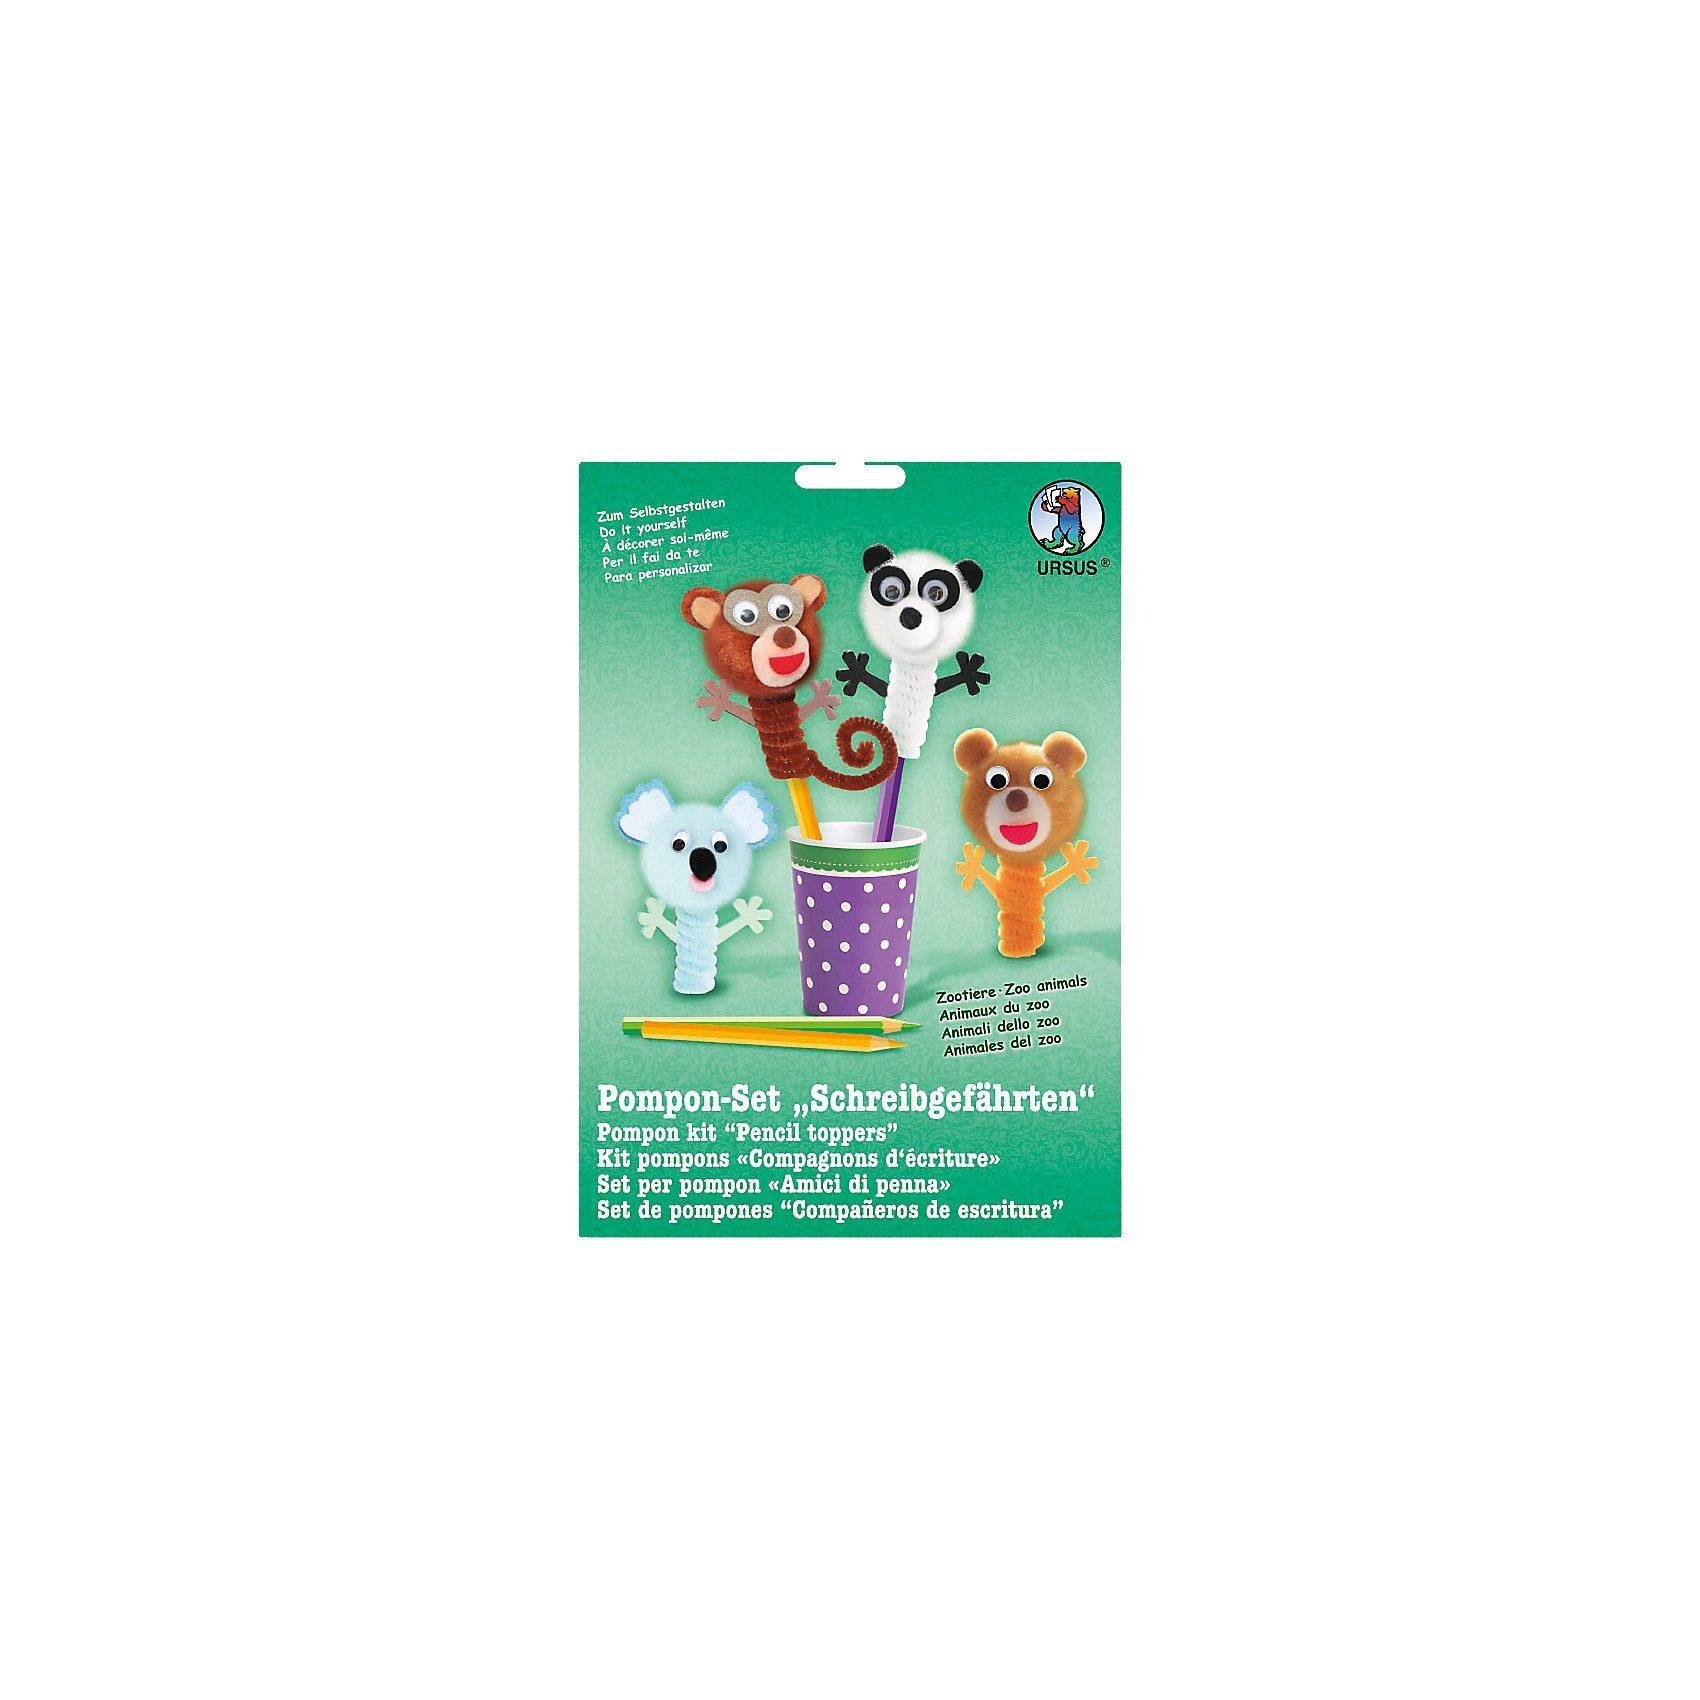 URSUS Pomponset Schreibgefährten Zootiere, 4 Figuren